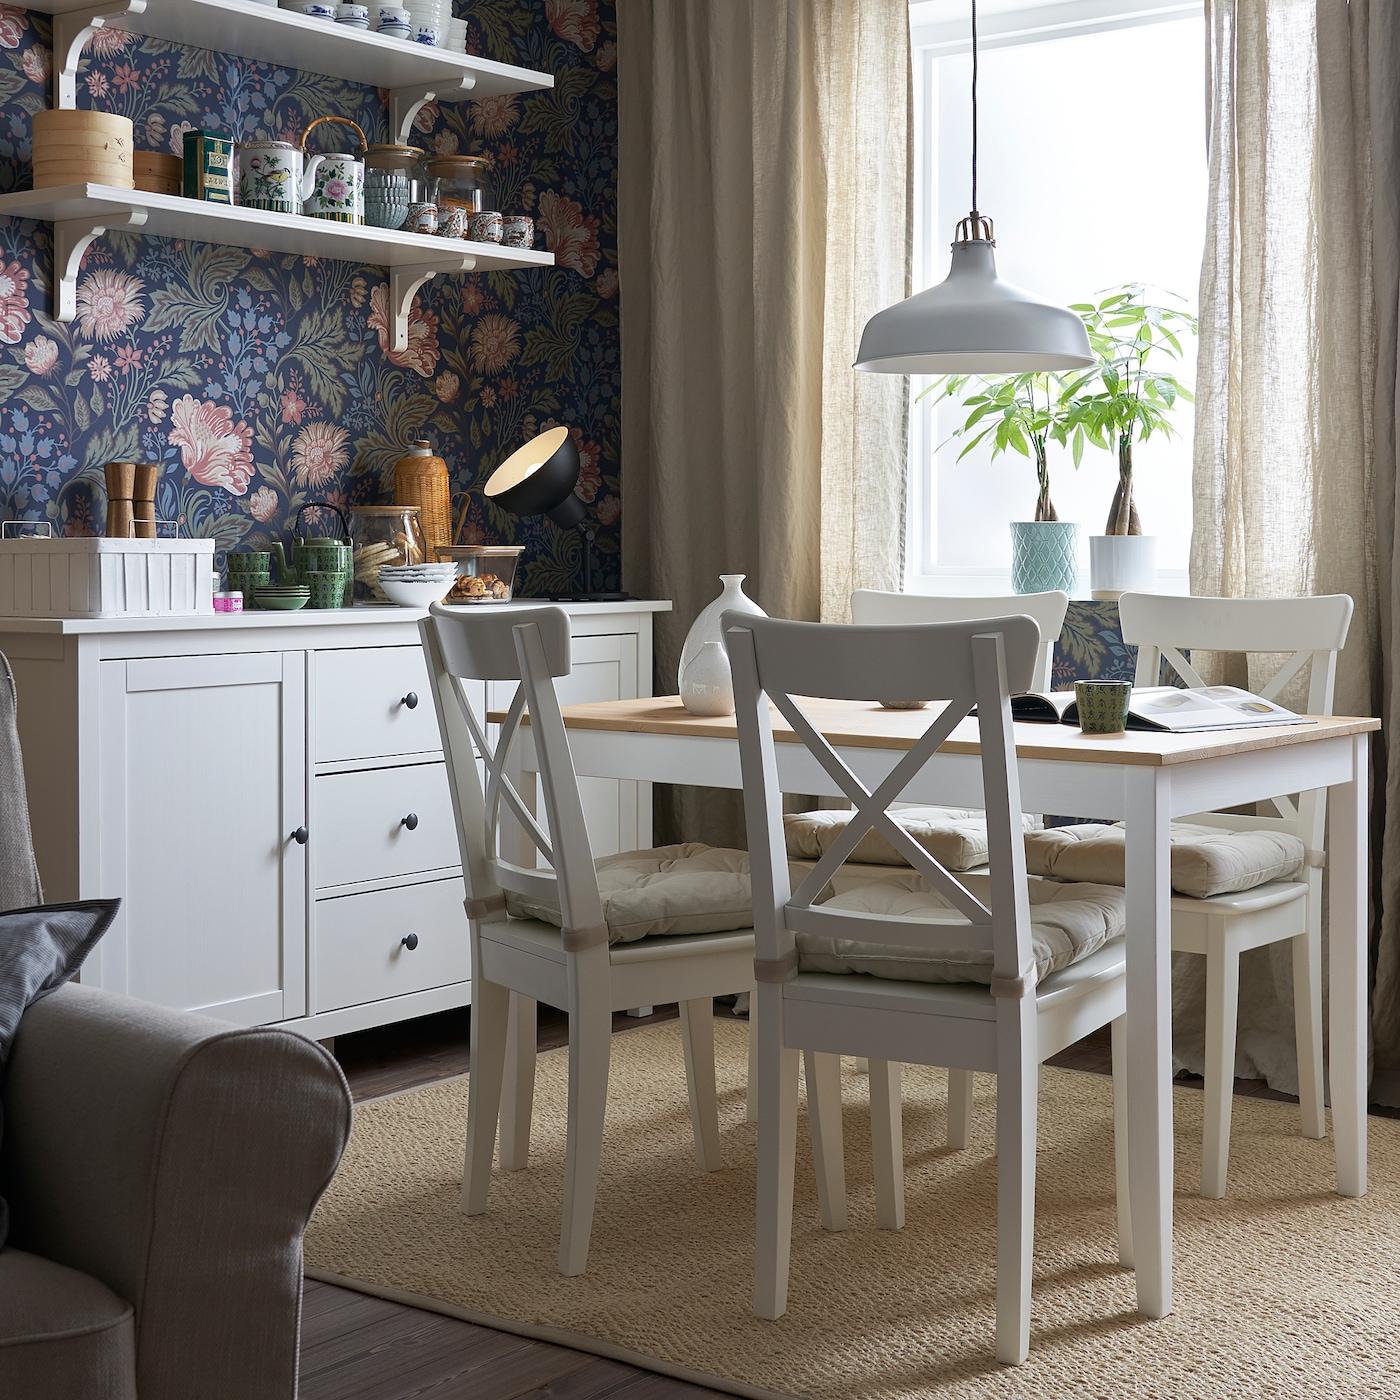 LERHAMN Tisch, Antikbeize hell, weiß gebeizt. Hier bestellen